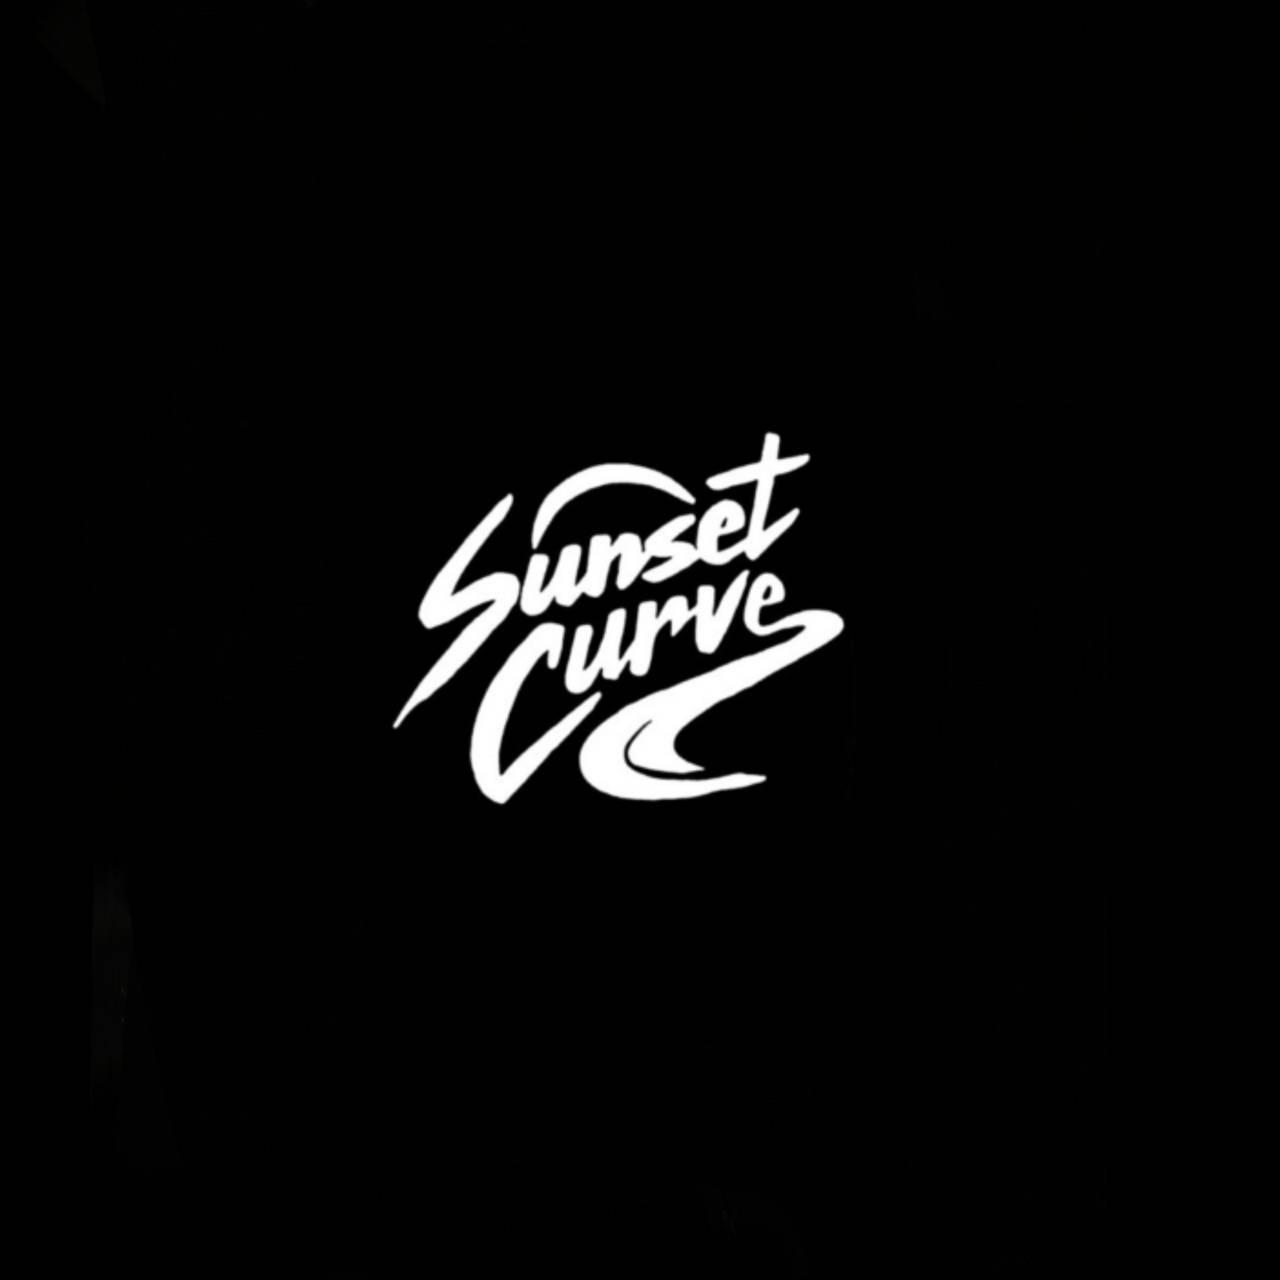 Sunset Curve